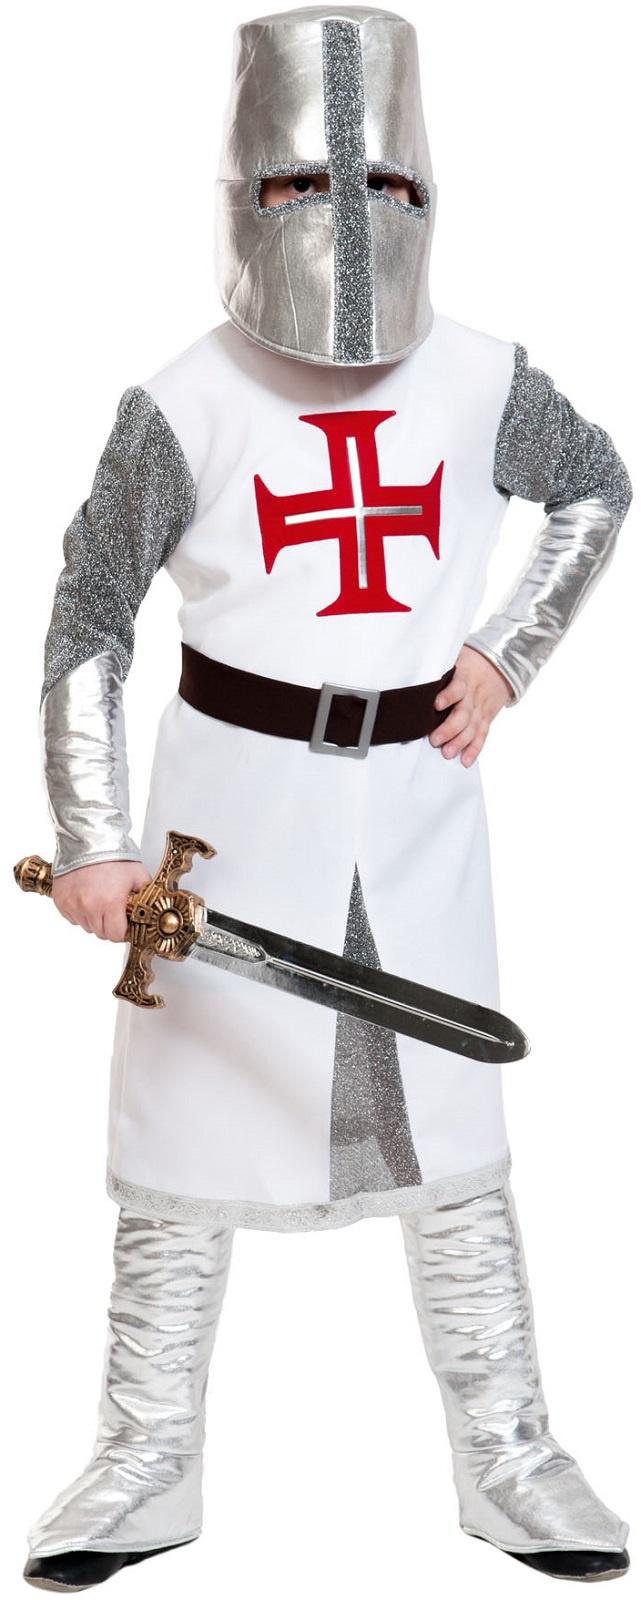 Карнавалофф Карнавальный костюм Рыцарь Крестоносец